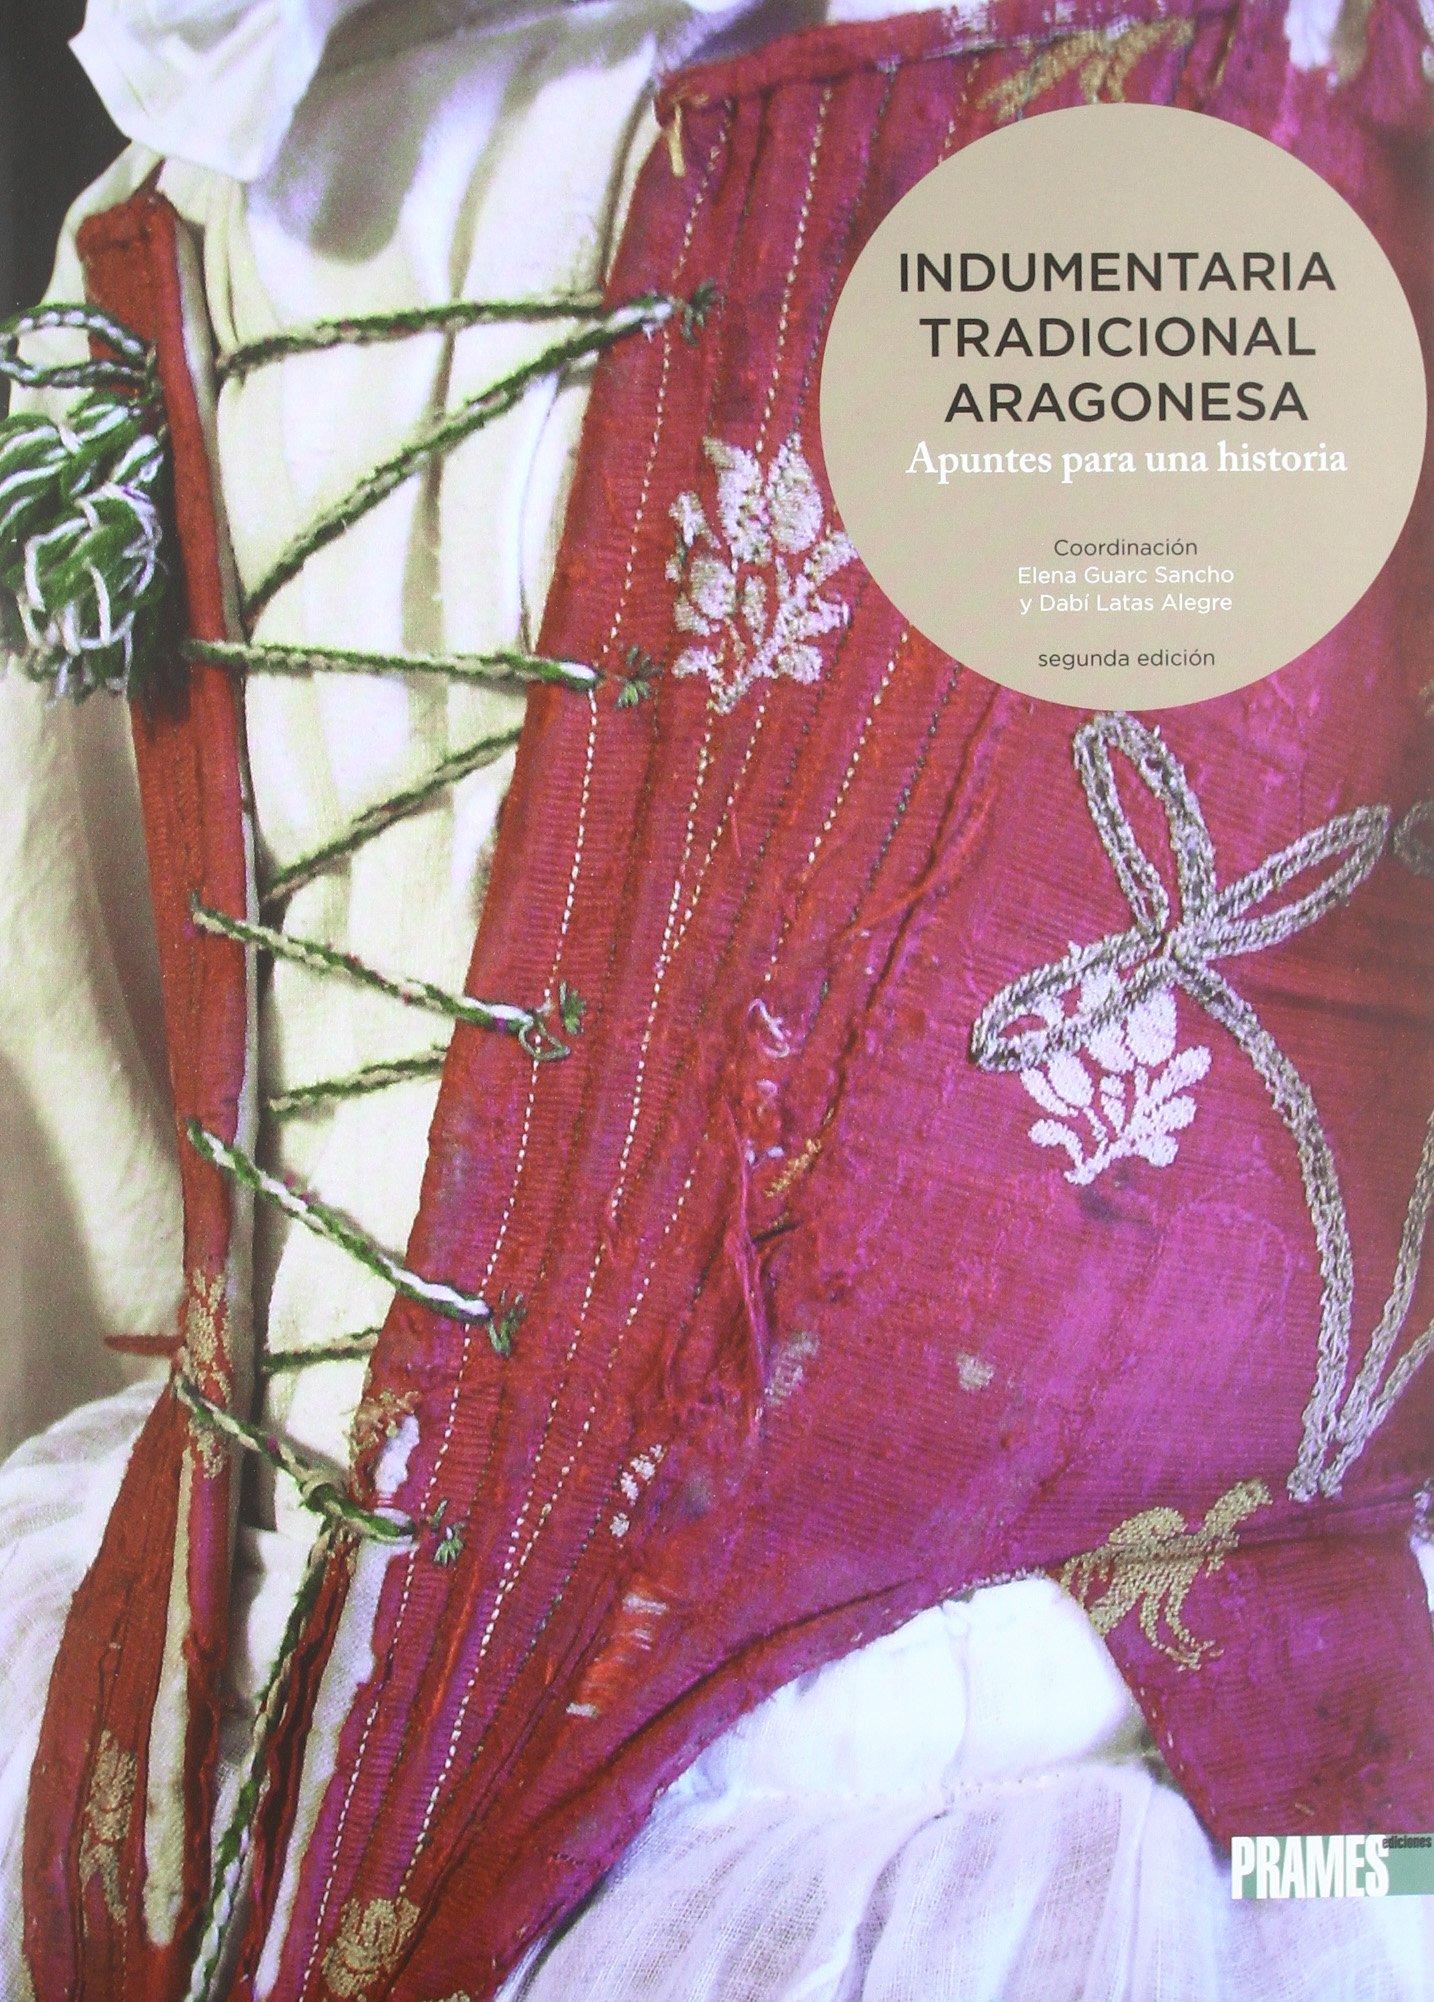 Indumentaria tradicional aragonesa (Gran Formato): Amazon.es: Elenacoord. / Latas Alegre Guarc Sancho, Elenacoord. / Latas Alegre Guarc Sancho: Libros